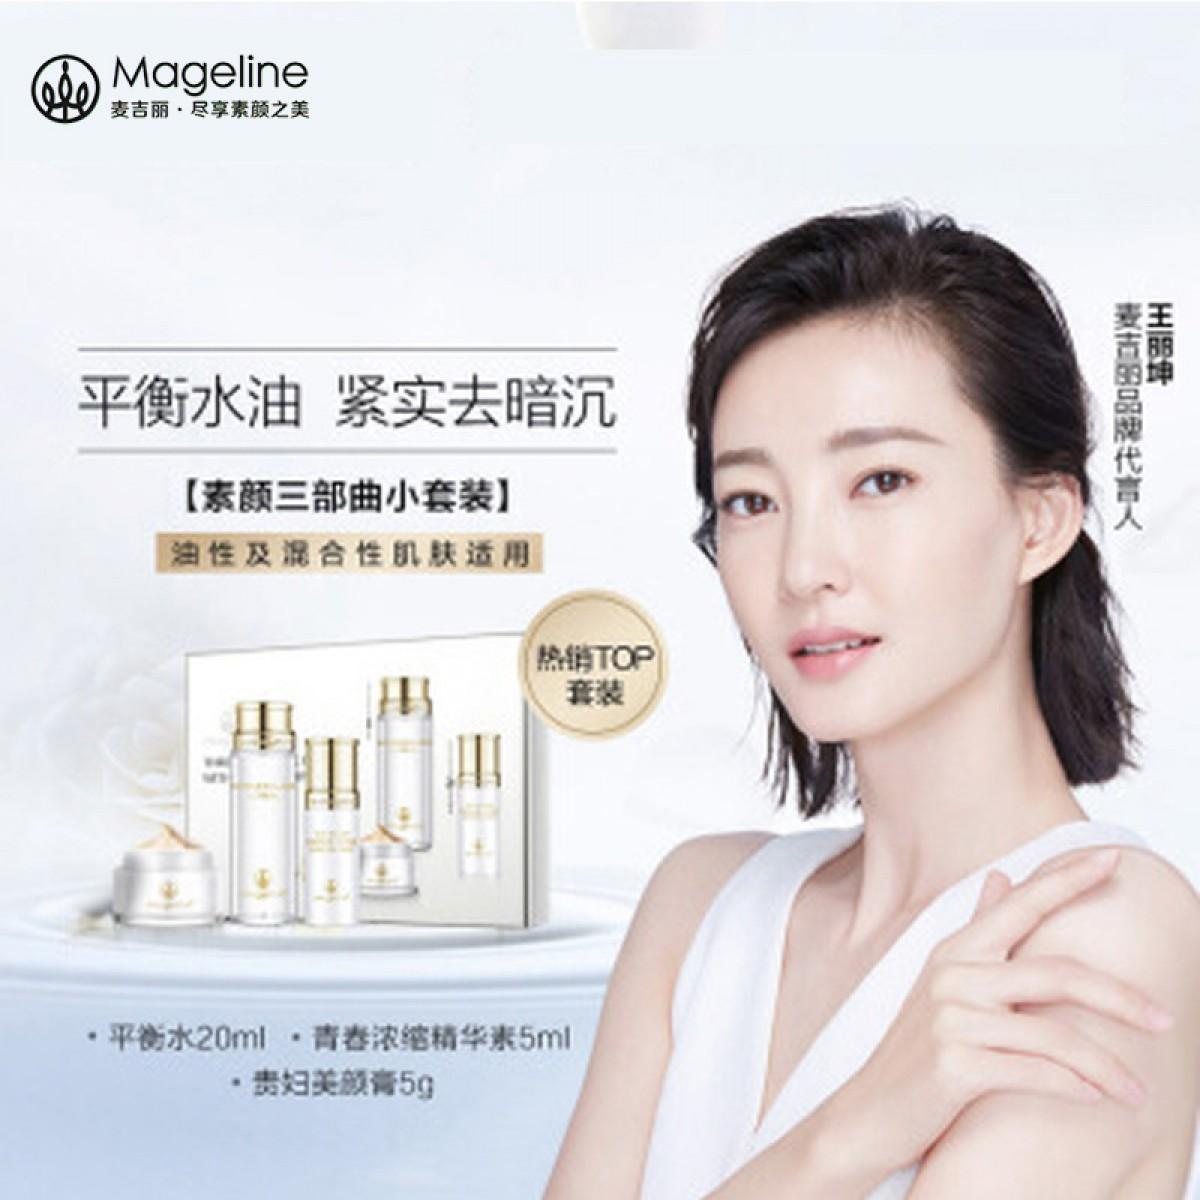 麦吉丽(Mageline) 素颜三部曲小样套装(适合油性/混合肌肤使用)